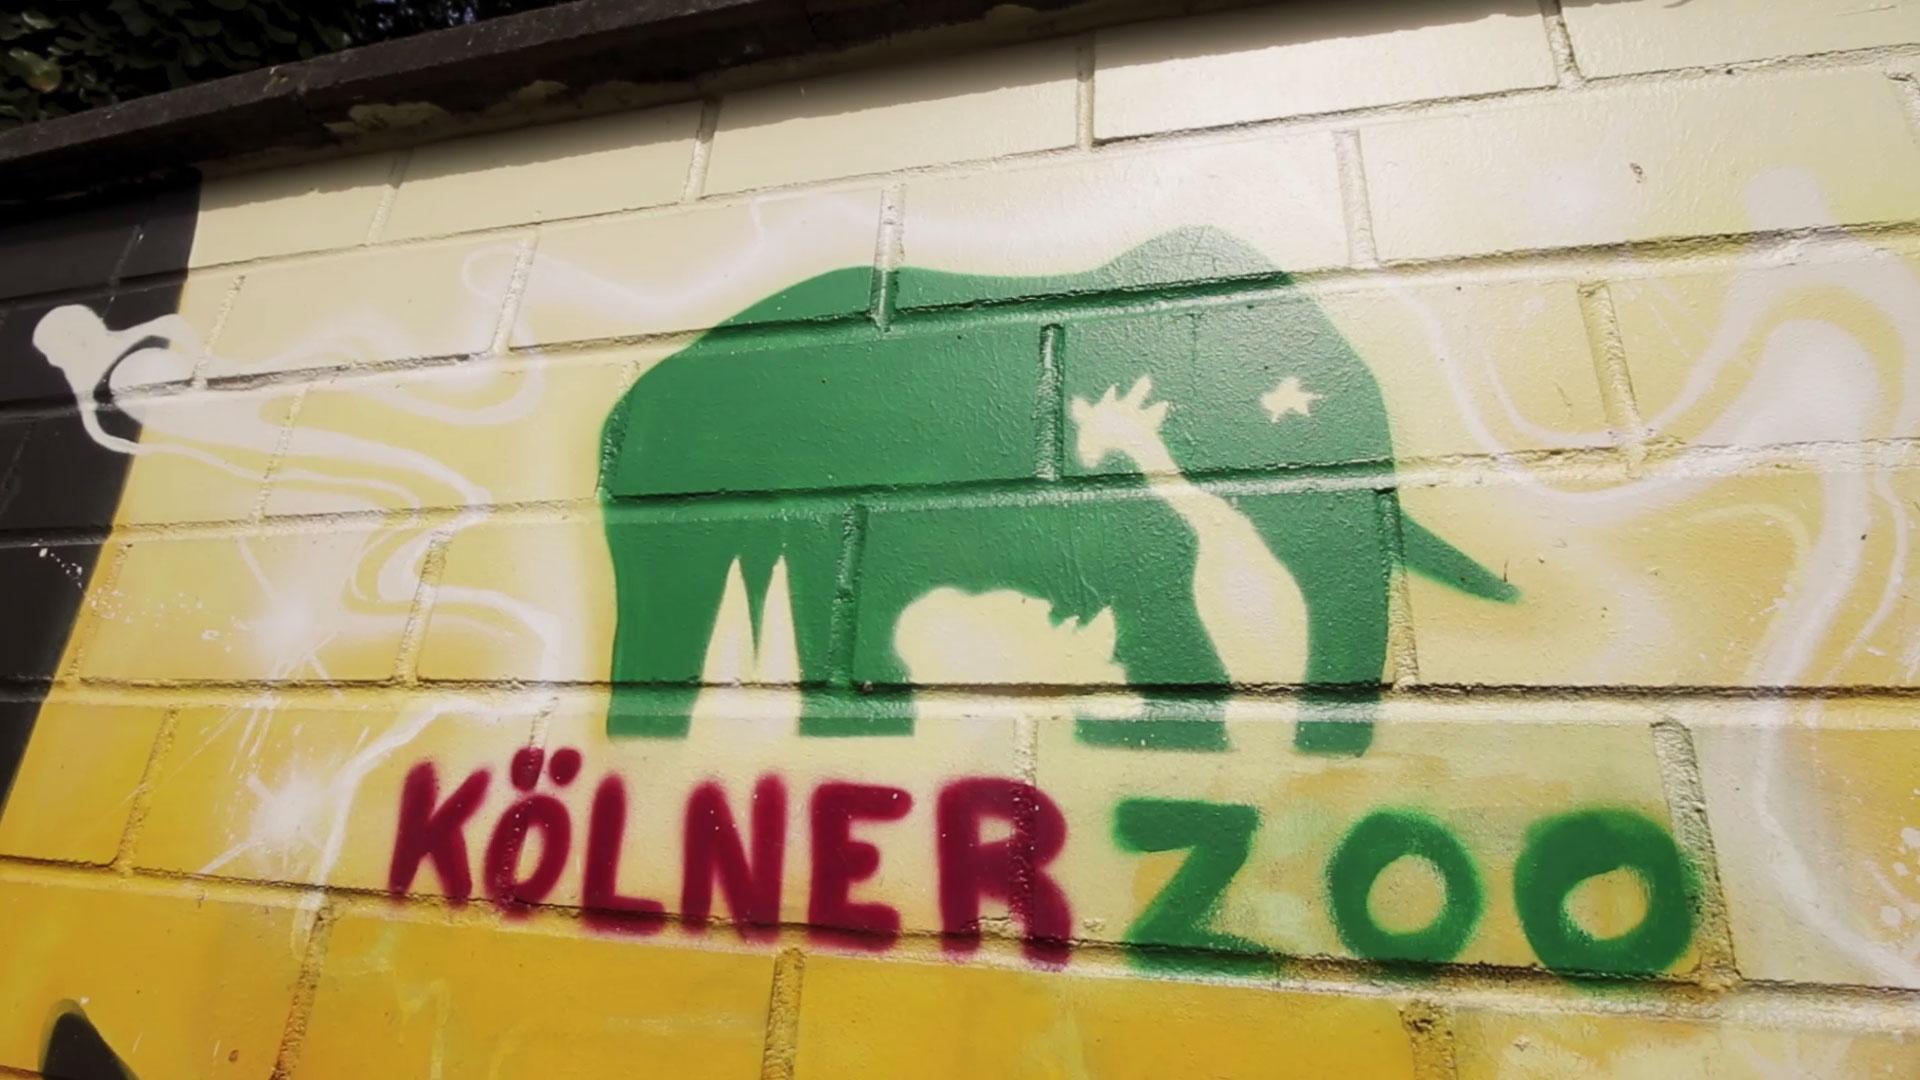 Kölner Zoo mit Domenik und Hip Hop